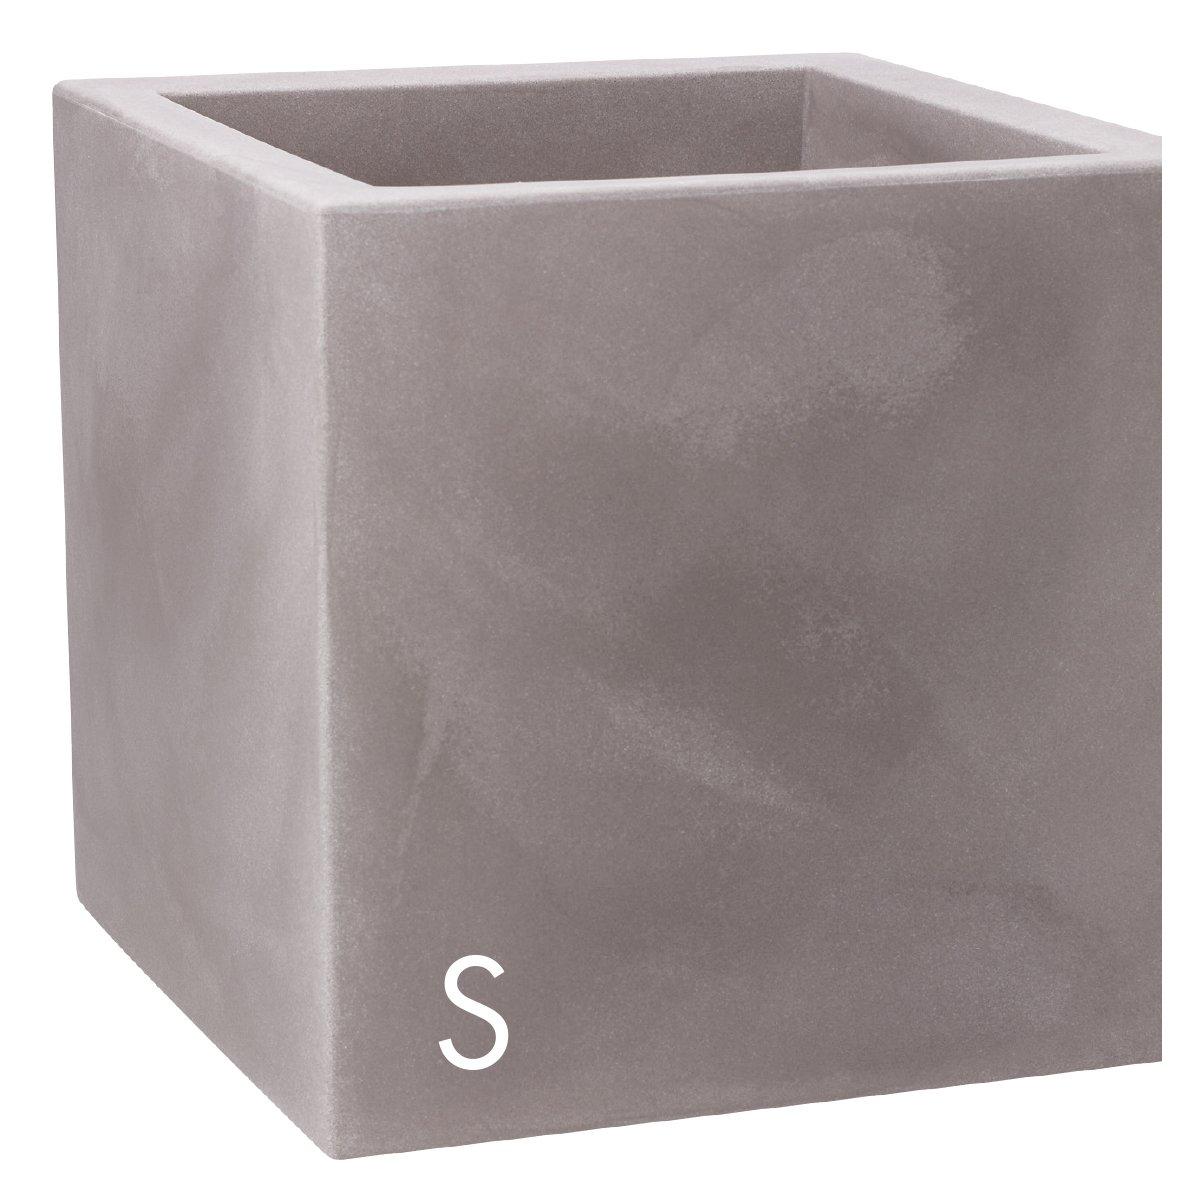 Vaso nicoli in resina di polietilene modus quadro for Vasi nicoli